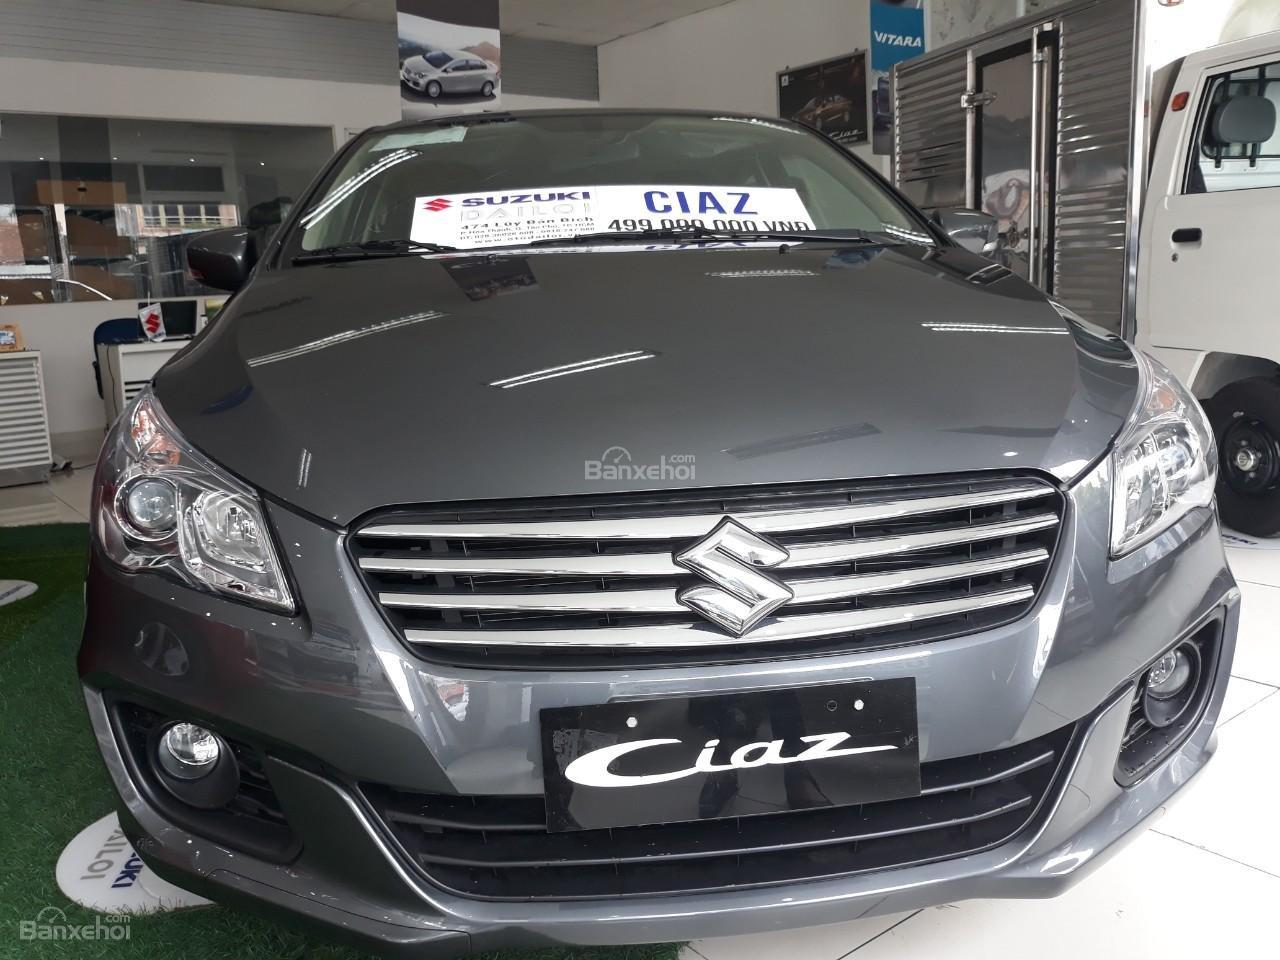 Bán Suzuki Ciaz AT 2019, nhập khẩu, thanh lịch sang trọng (1)